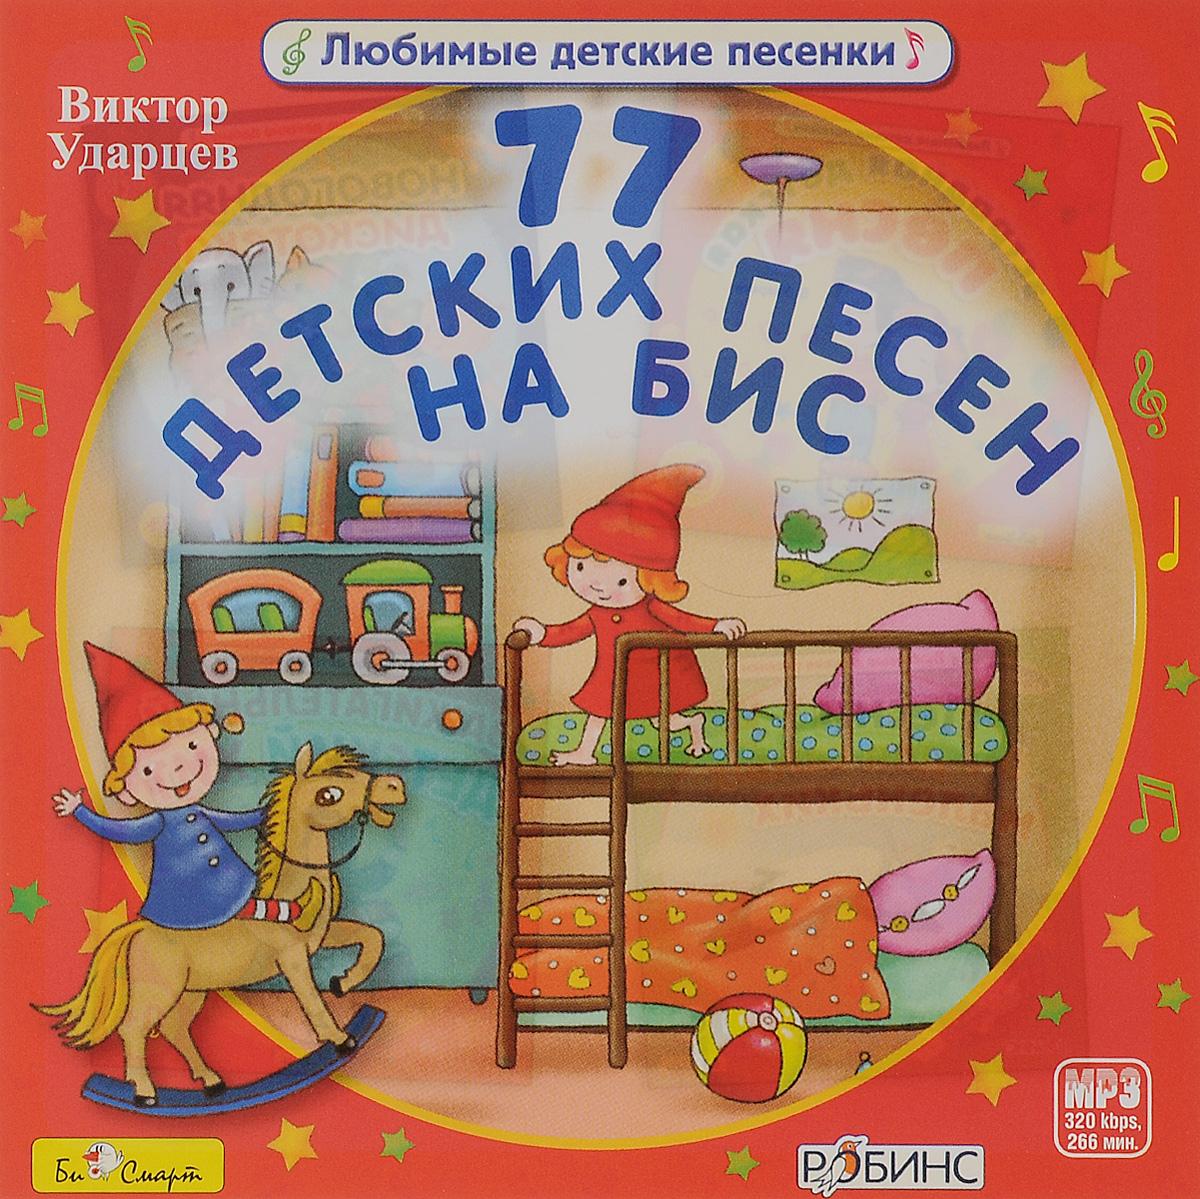 Zakazat.ru: Виктор Ударцев. 77 детских песен на бис (mp3)